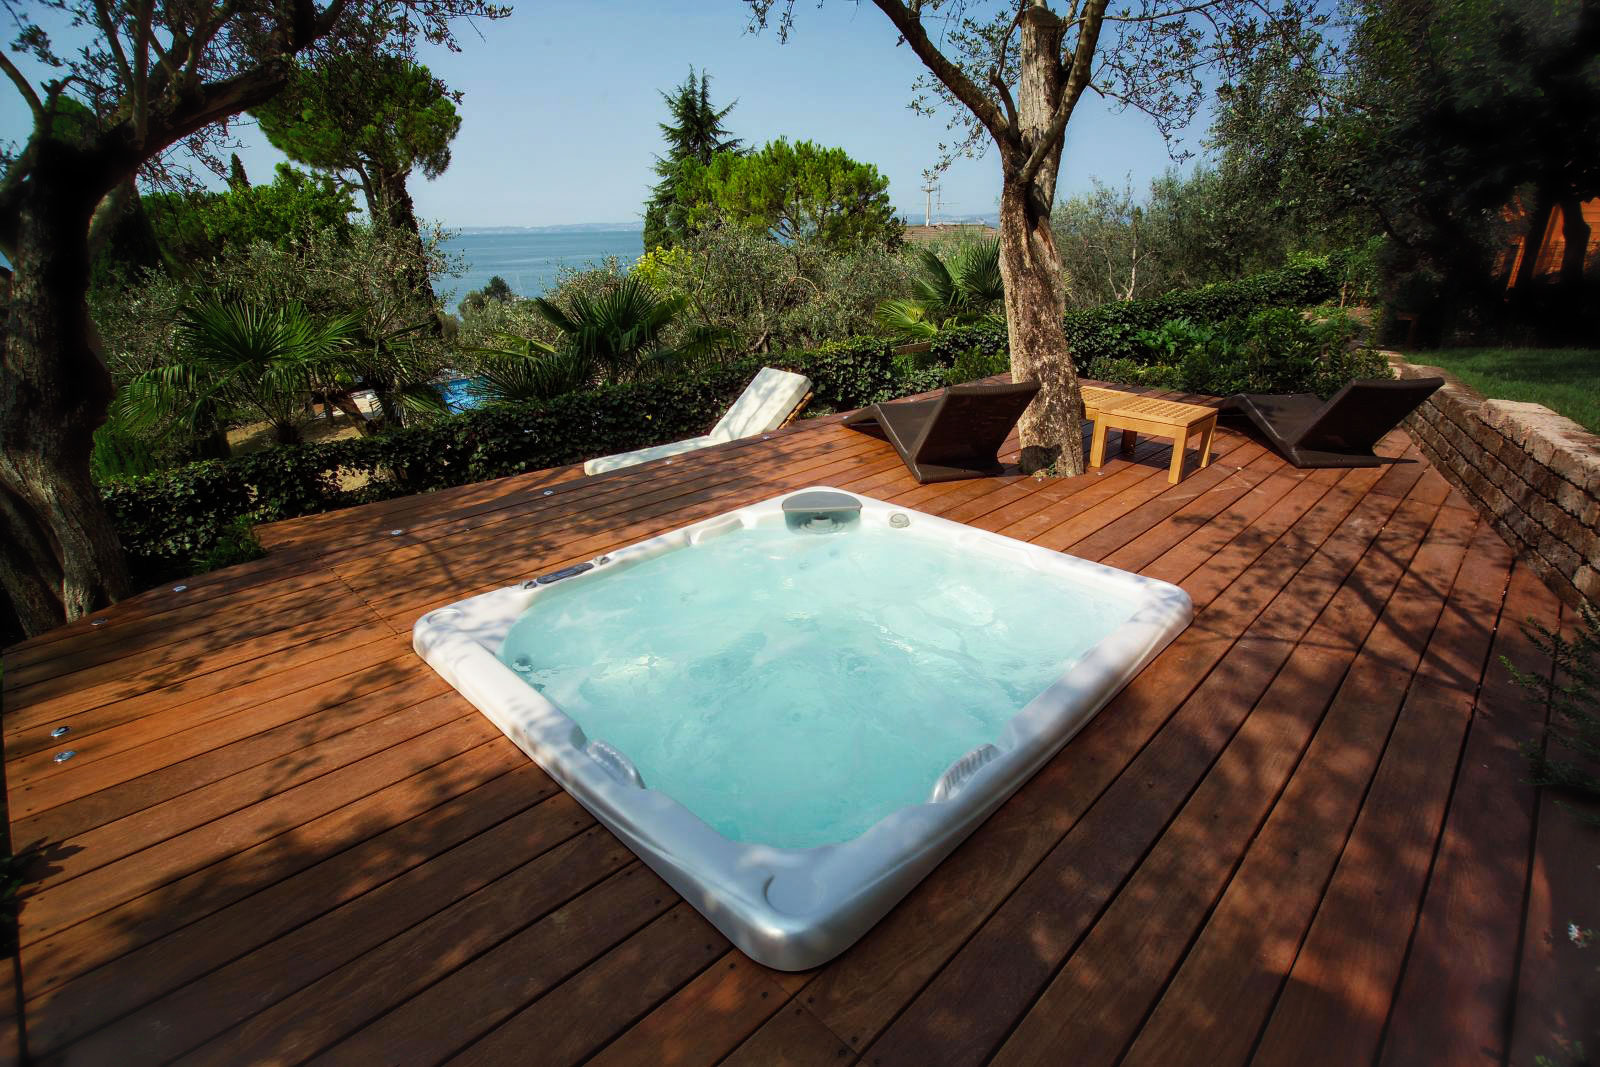 Minipiscine idromassaggio da esterno piscine castiglione - Vasca idro da esterno ...